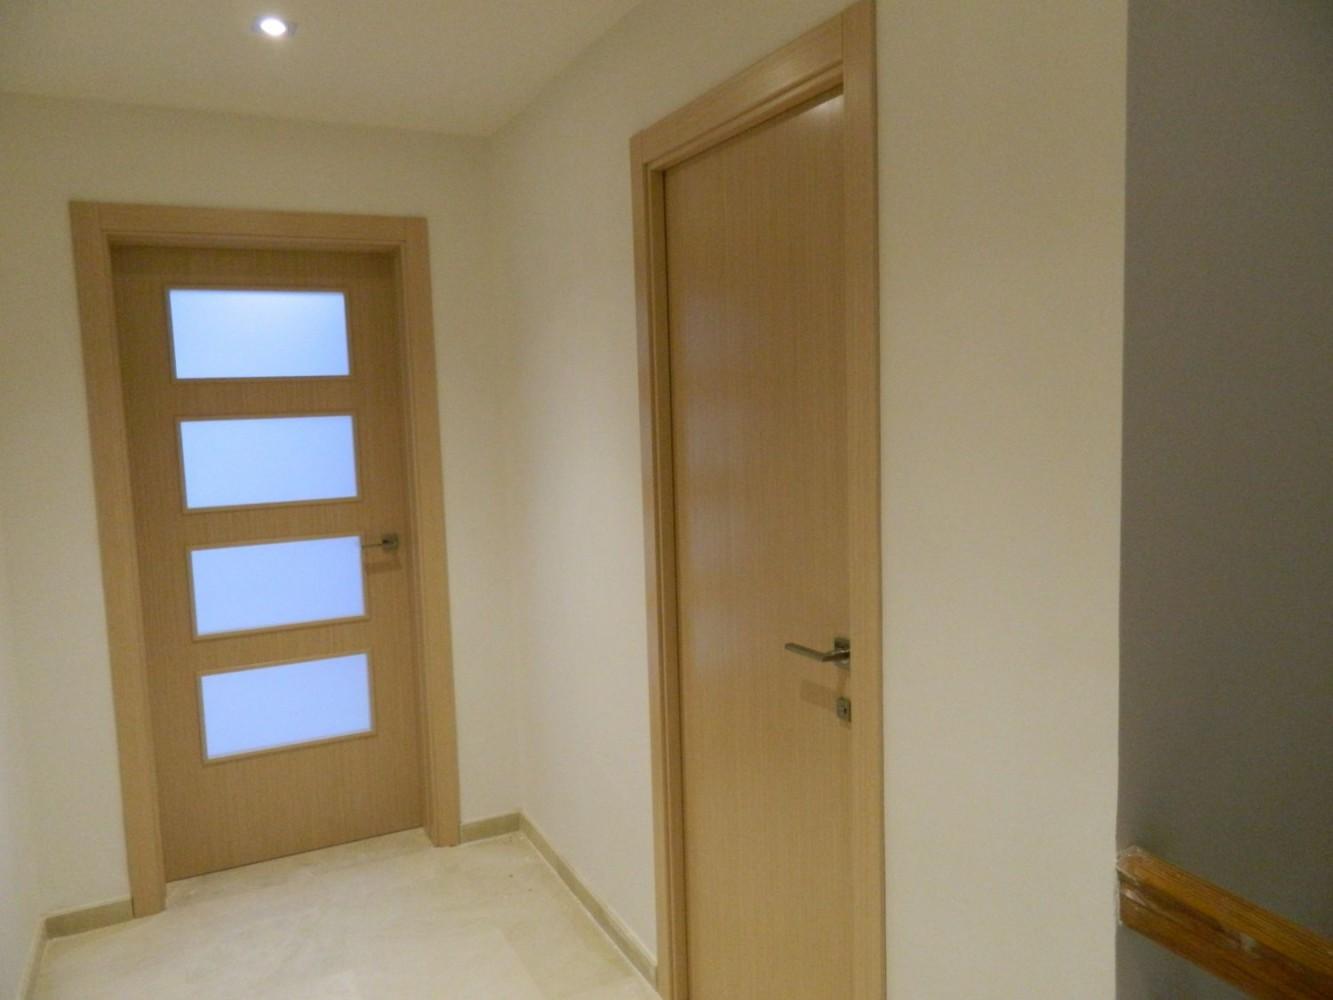 Puertas interiorismo valencia carpinteria algemes for Puertas de roble interior